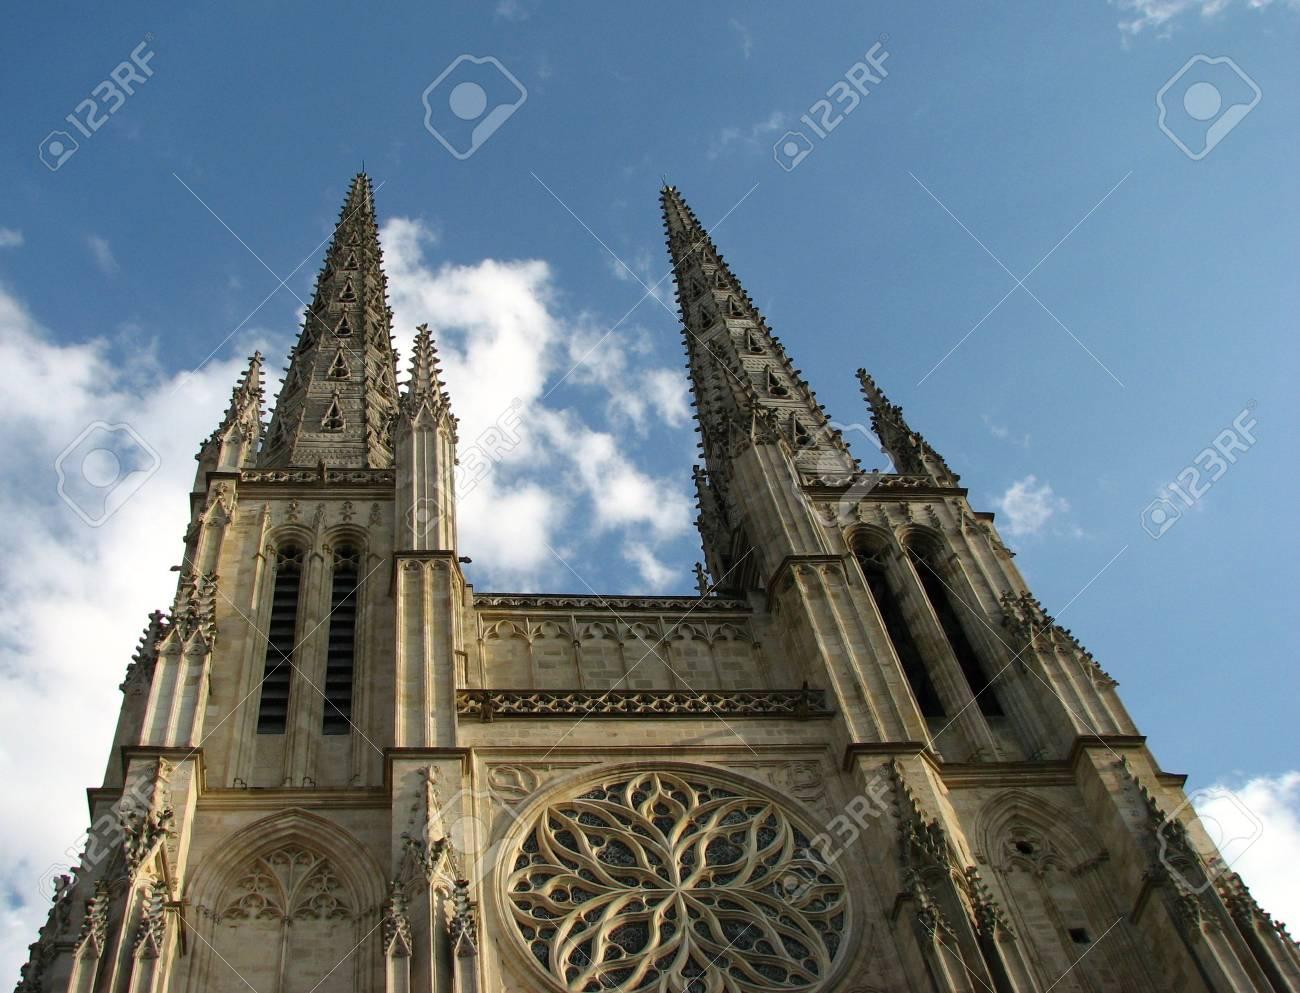 ボルドー聖アンドレ大聖堂の低角度のビュー の写真素材・画像素材 ...